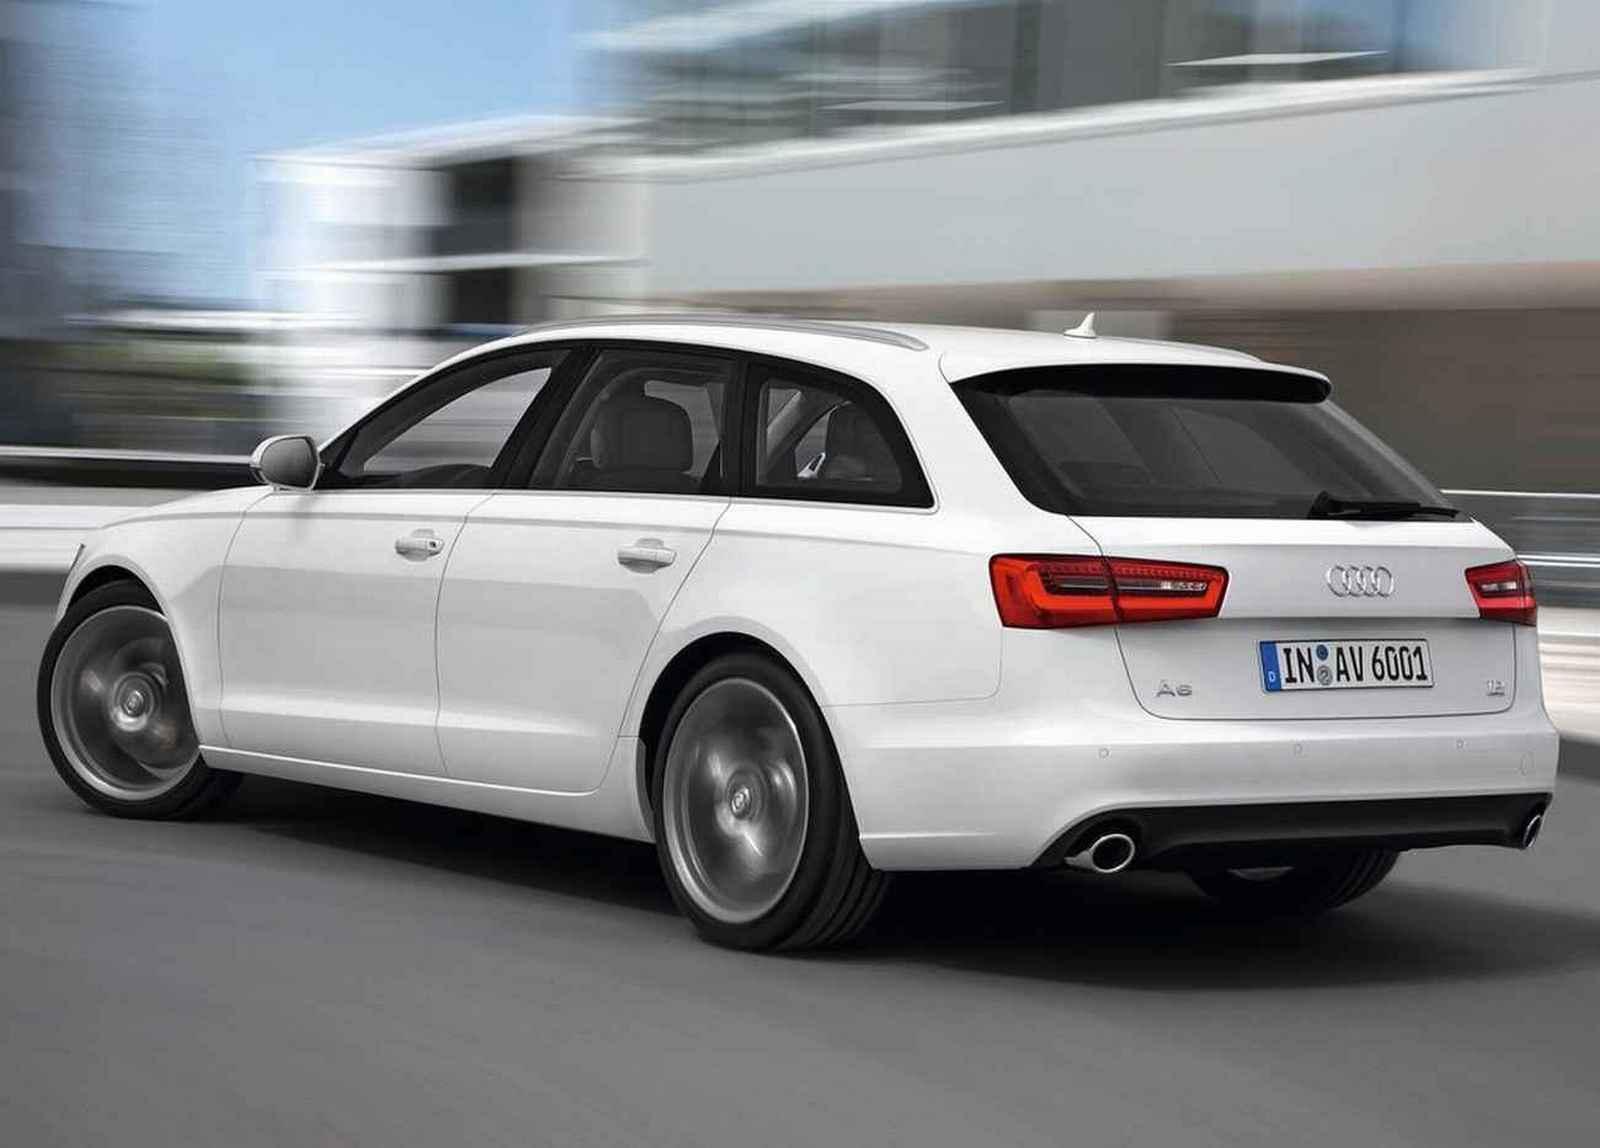 Audi A6 Avant Hd Wallpaper Download